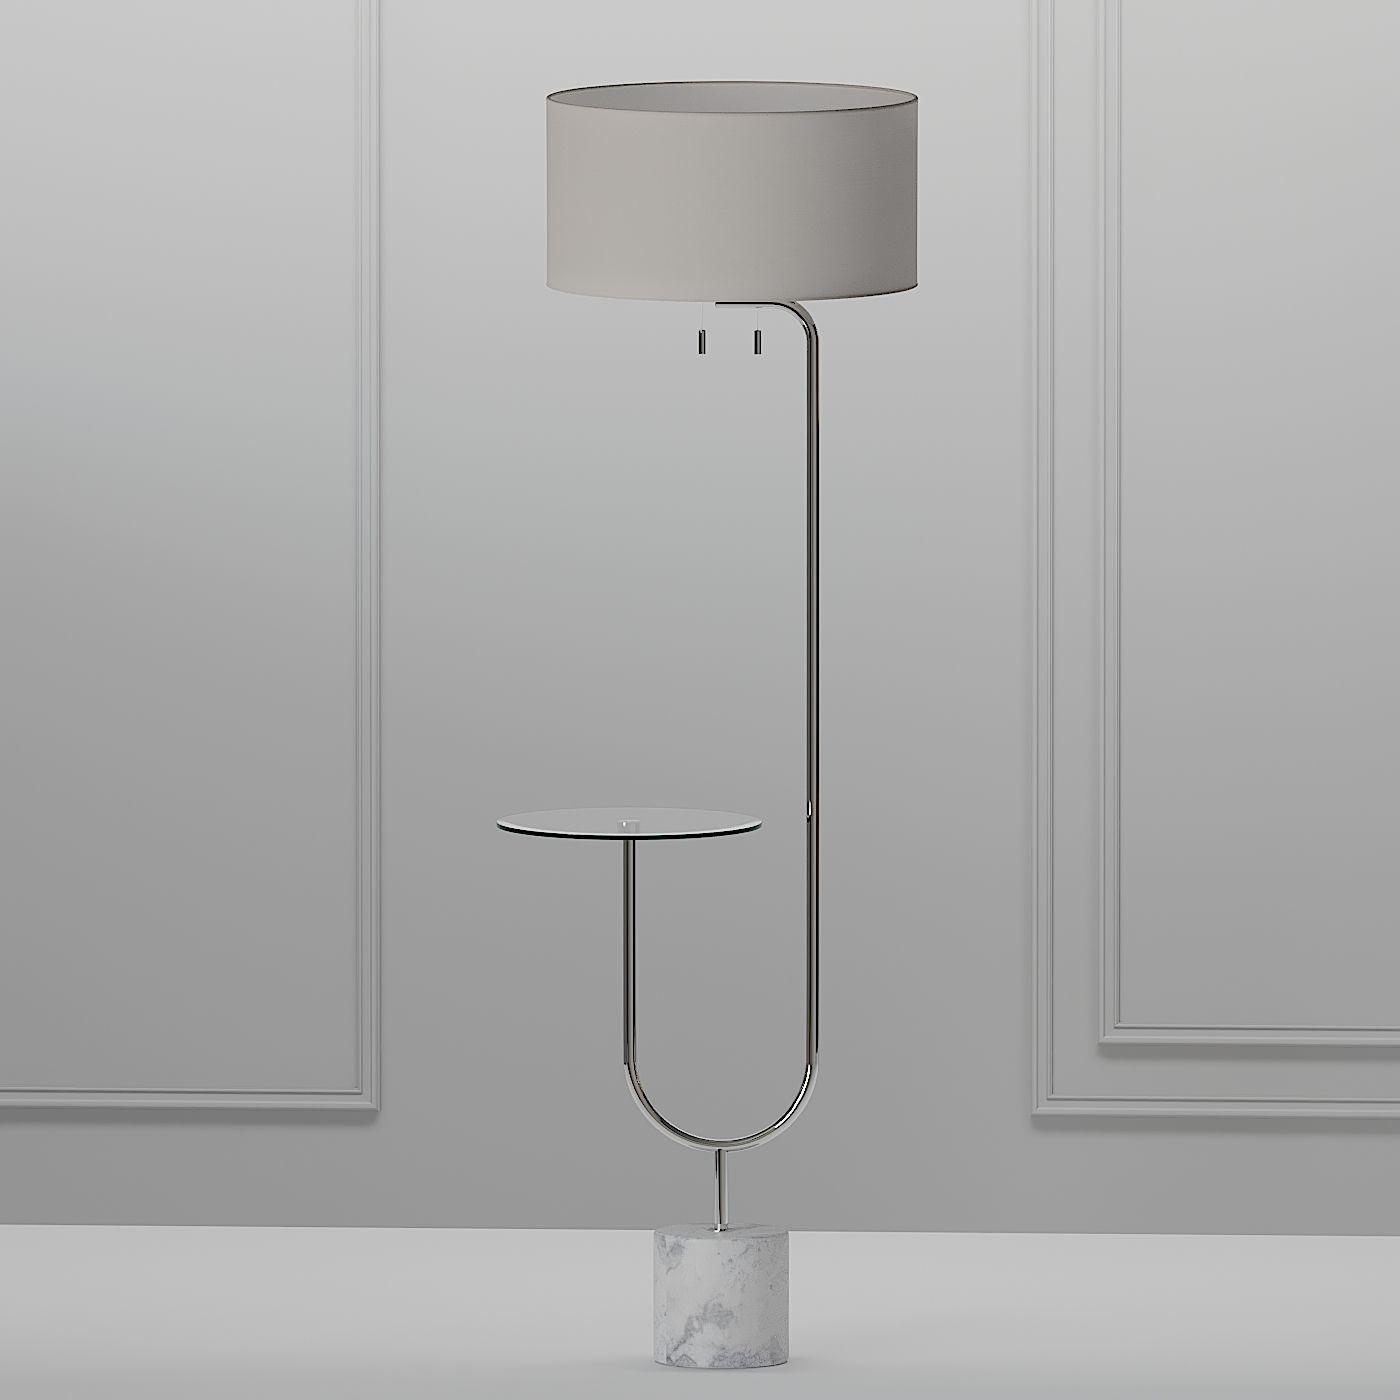 Image of: 3d Model Adesso Sloan Nickel Floor Lamp Cgtrader